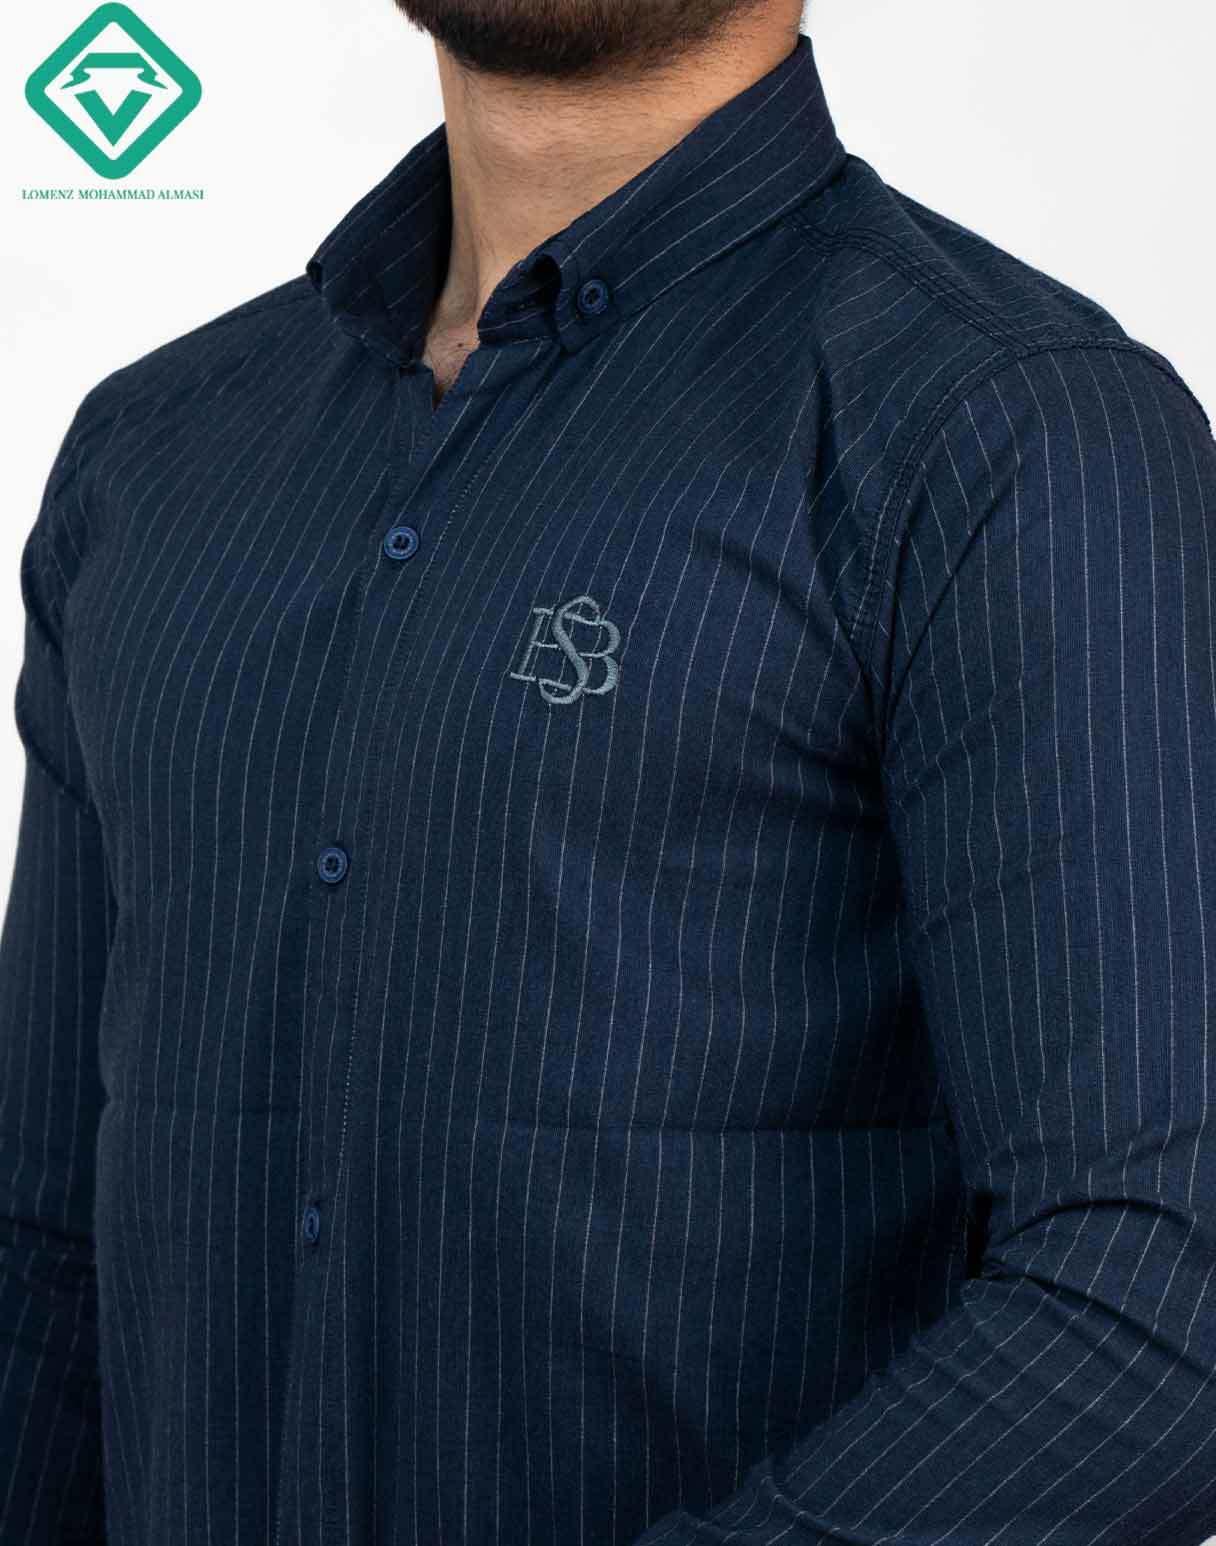 پیراهن آستین بلند اسپرت راه راه رنگ سرمه ای | فروشگاه لومنز